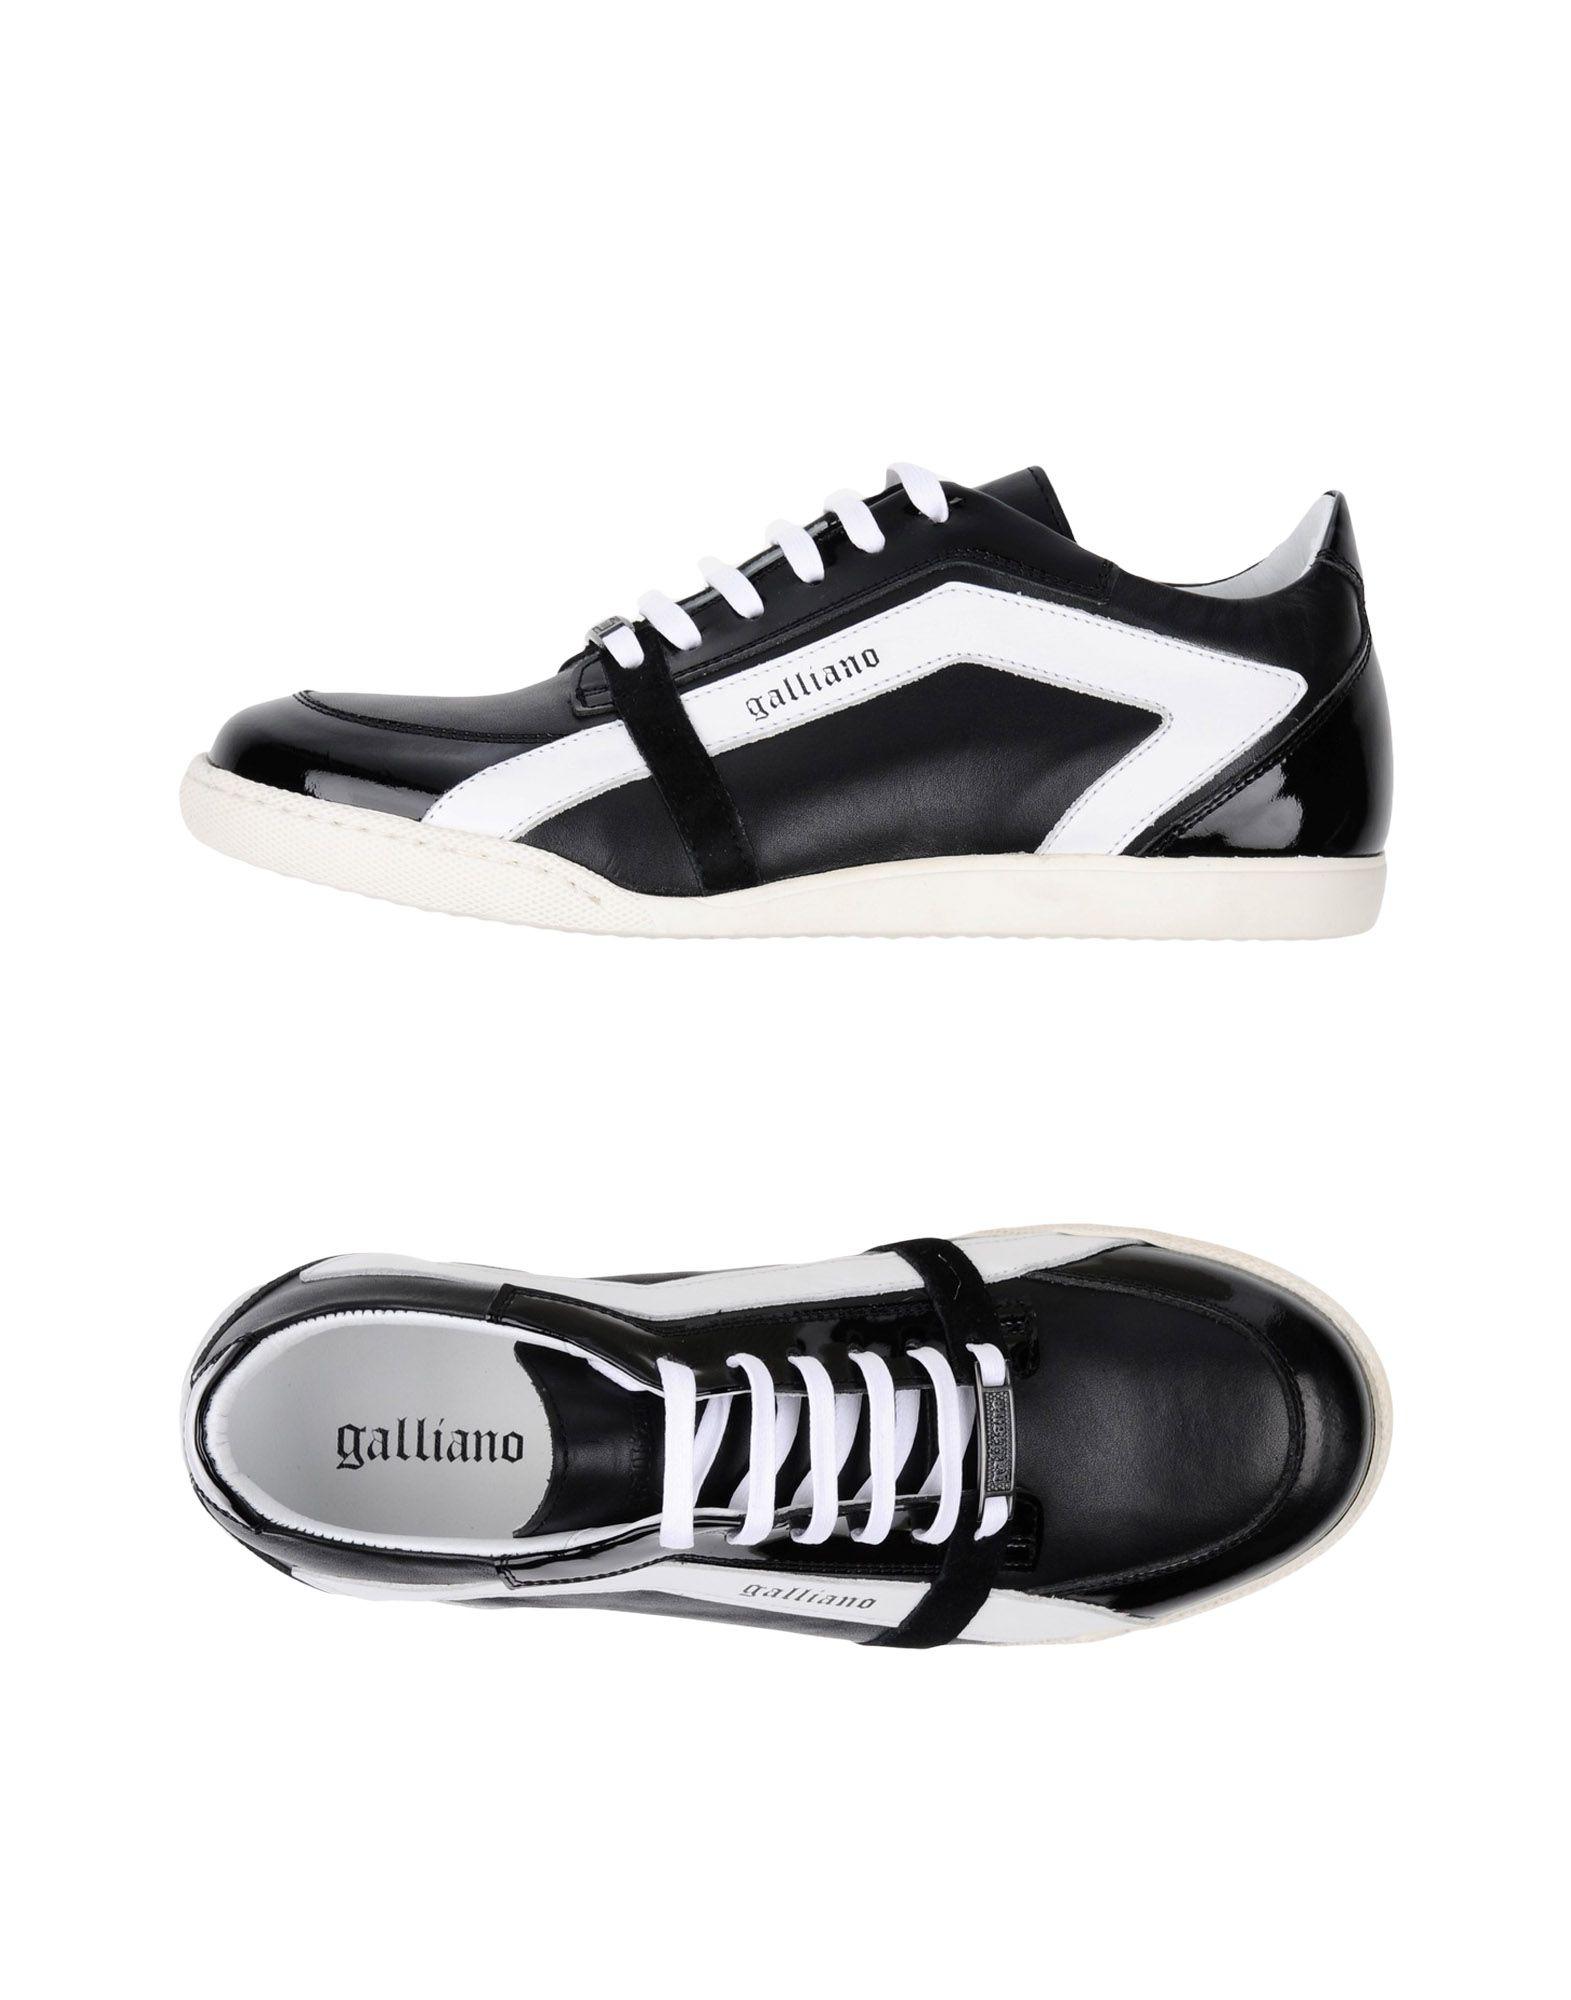 Galliano Sneakers Herren  11336155TE Gute Qualität beliebte Schuhe